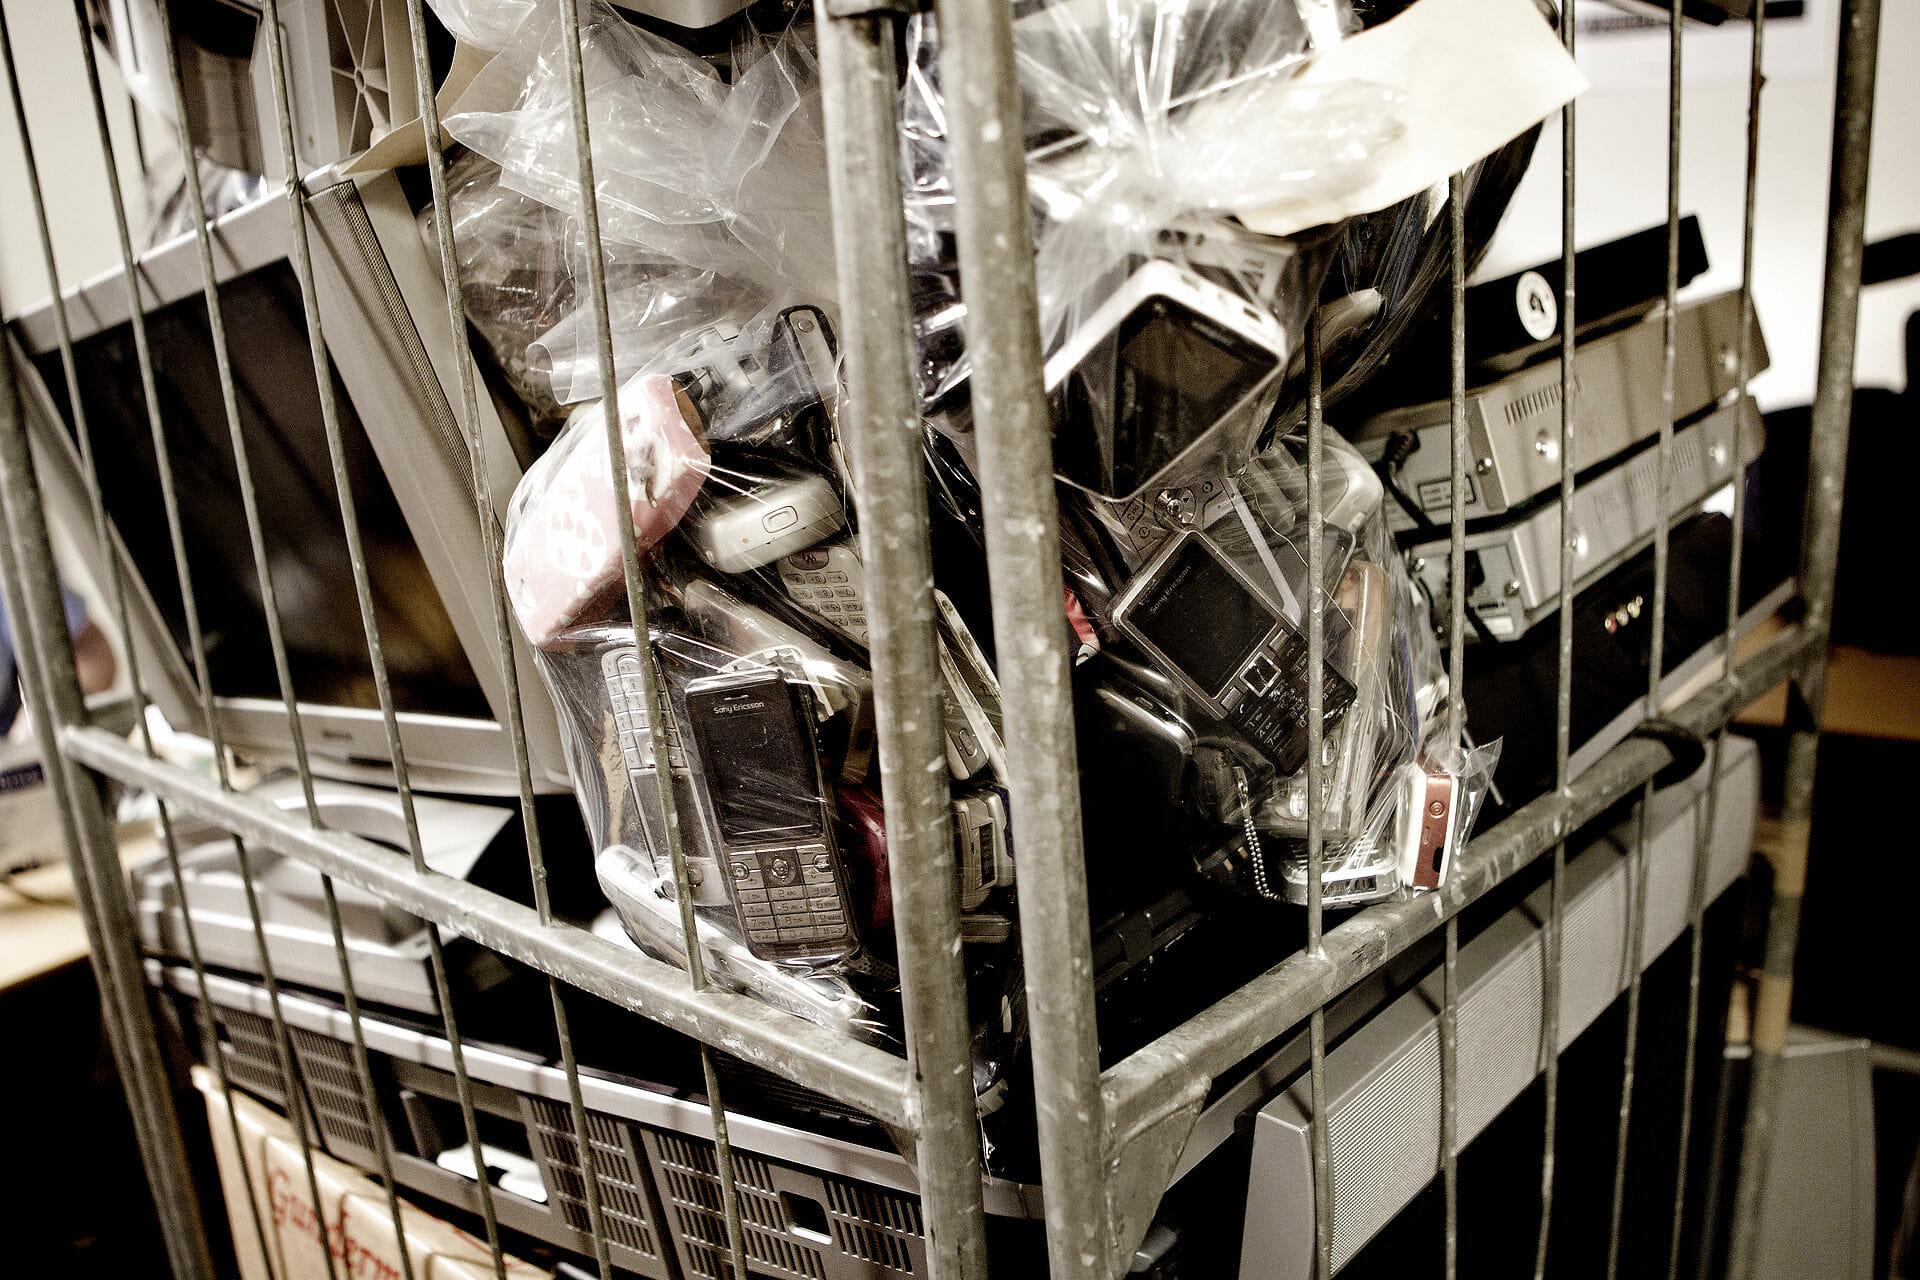 Tusindvis af genbrugs-egnede hvidevarer smides ud hvert år